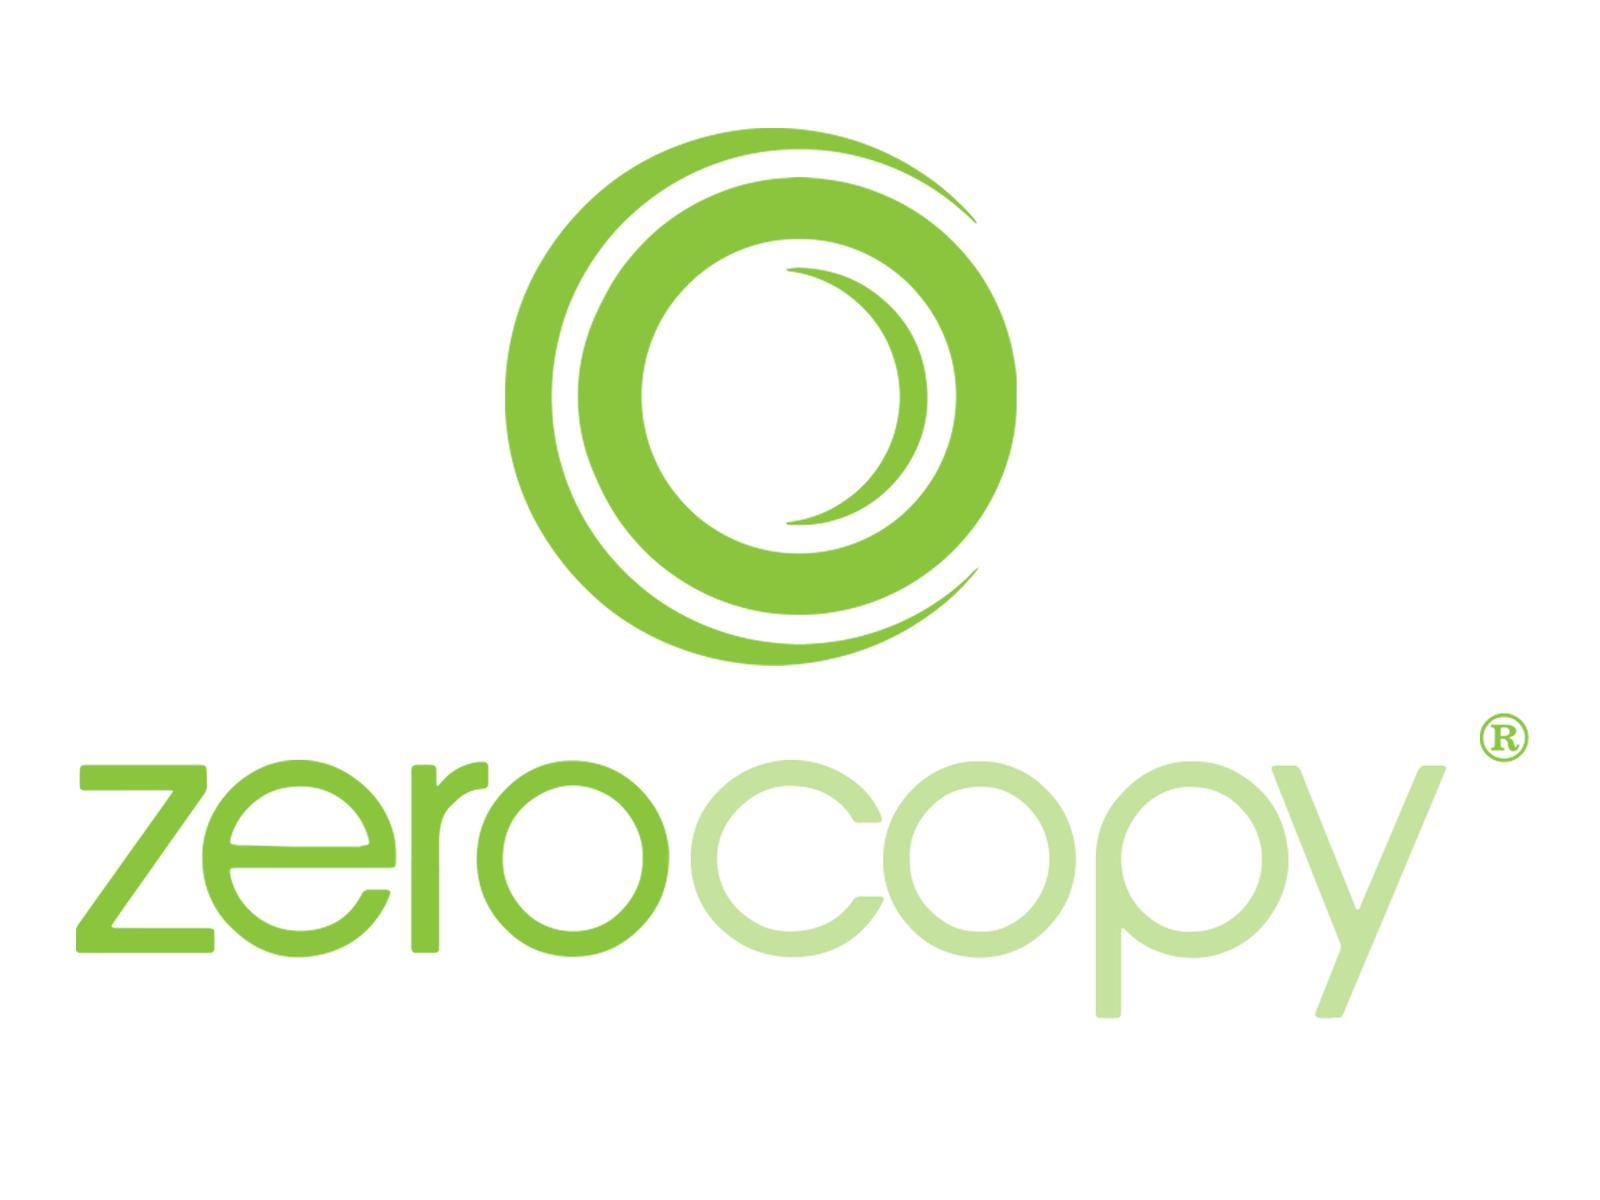 Het ondernemersverhaal en de visie van Maxime Carpentier (Zerocopy): Deel 2